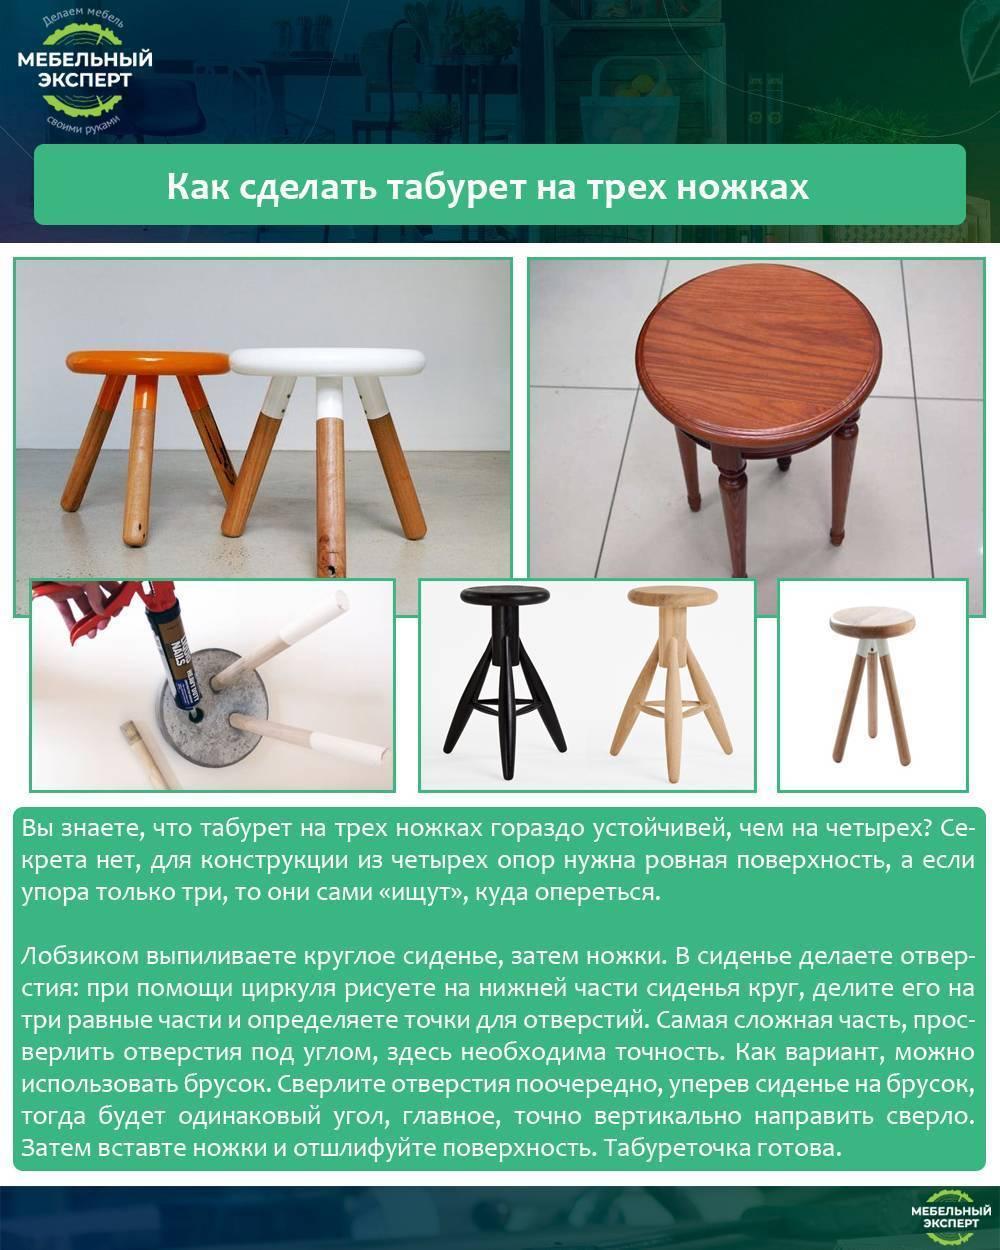 Чертеж табурета-стремянки своими руками позволит сделать из дерева удобную мебель, которой можно пользоваться в качестве лестницы самому и друзьям